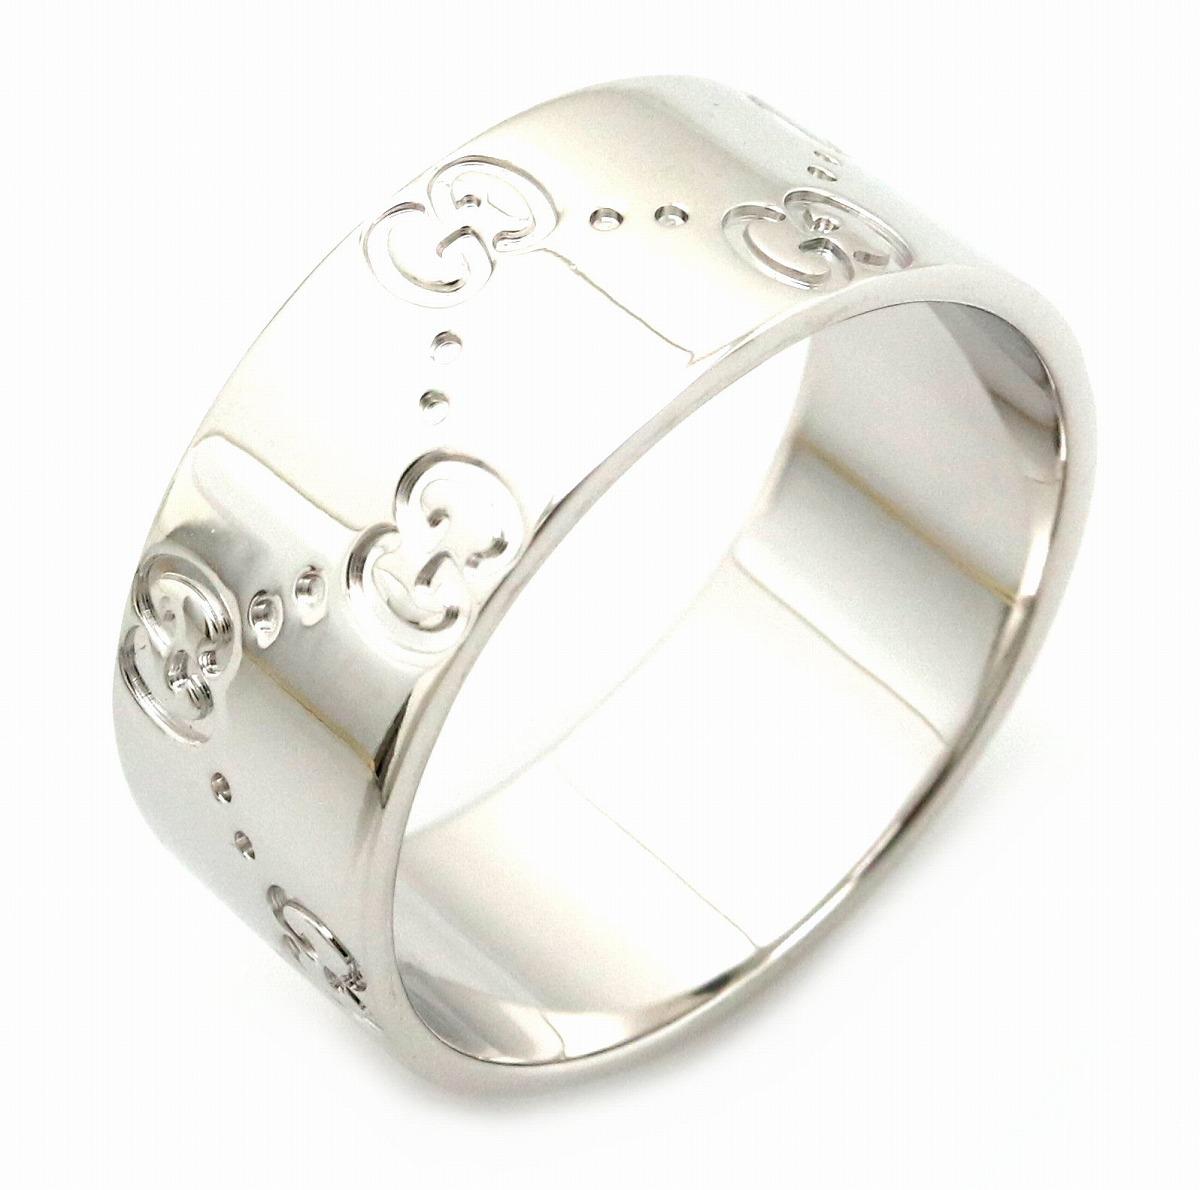 【ジュエリー】【新品仕上げ済】GUCCI グッチ アイコンリング ワイド メンズ GGリング 指輪 K18WG 750WG ホワイトゴールド 23号 #23 【中古】【s】